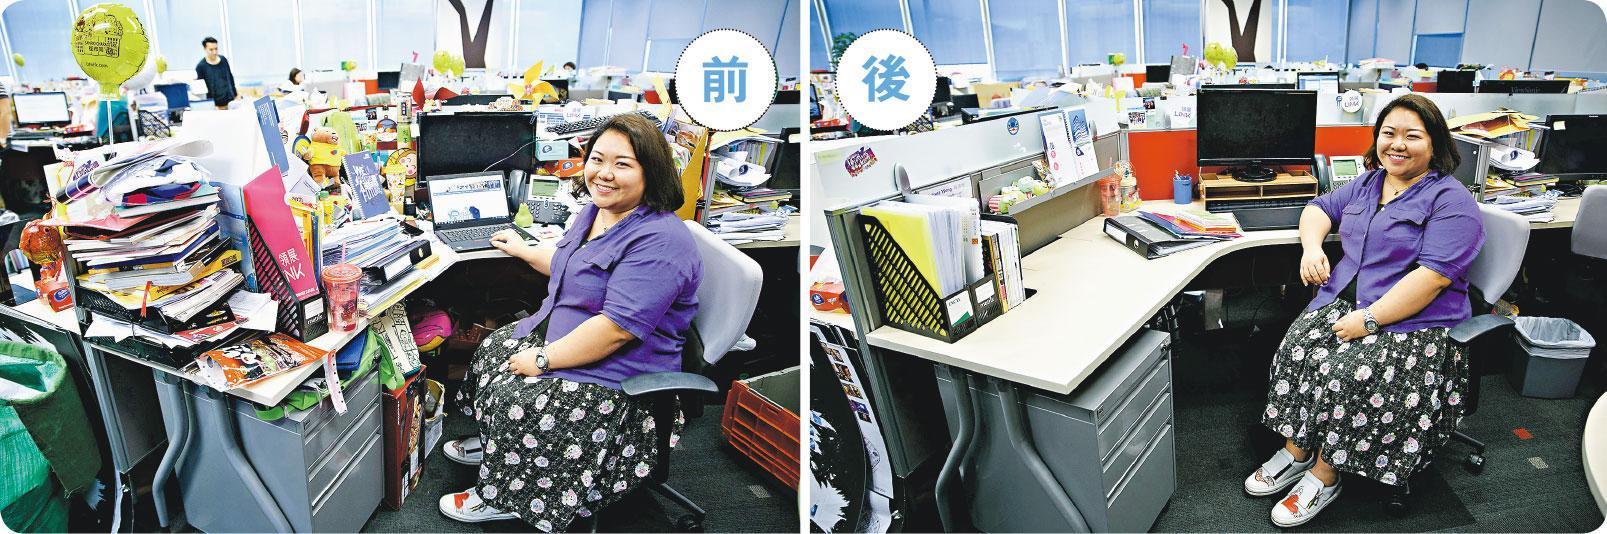 「示範單位」——Juliana(圖)的辦公桌被Sharon挑選為「示範單位」,經過1小時分類、掙扎、扔掉及收納後,Juliana桌上只剩下約一成物件,她笑言有「重新入伙」的感覺。(蘇智鑫攝)